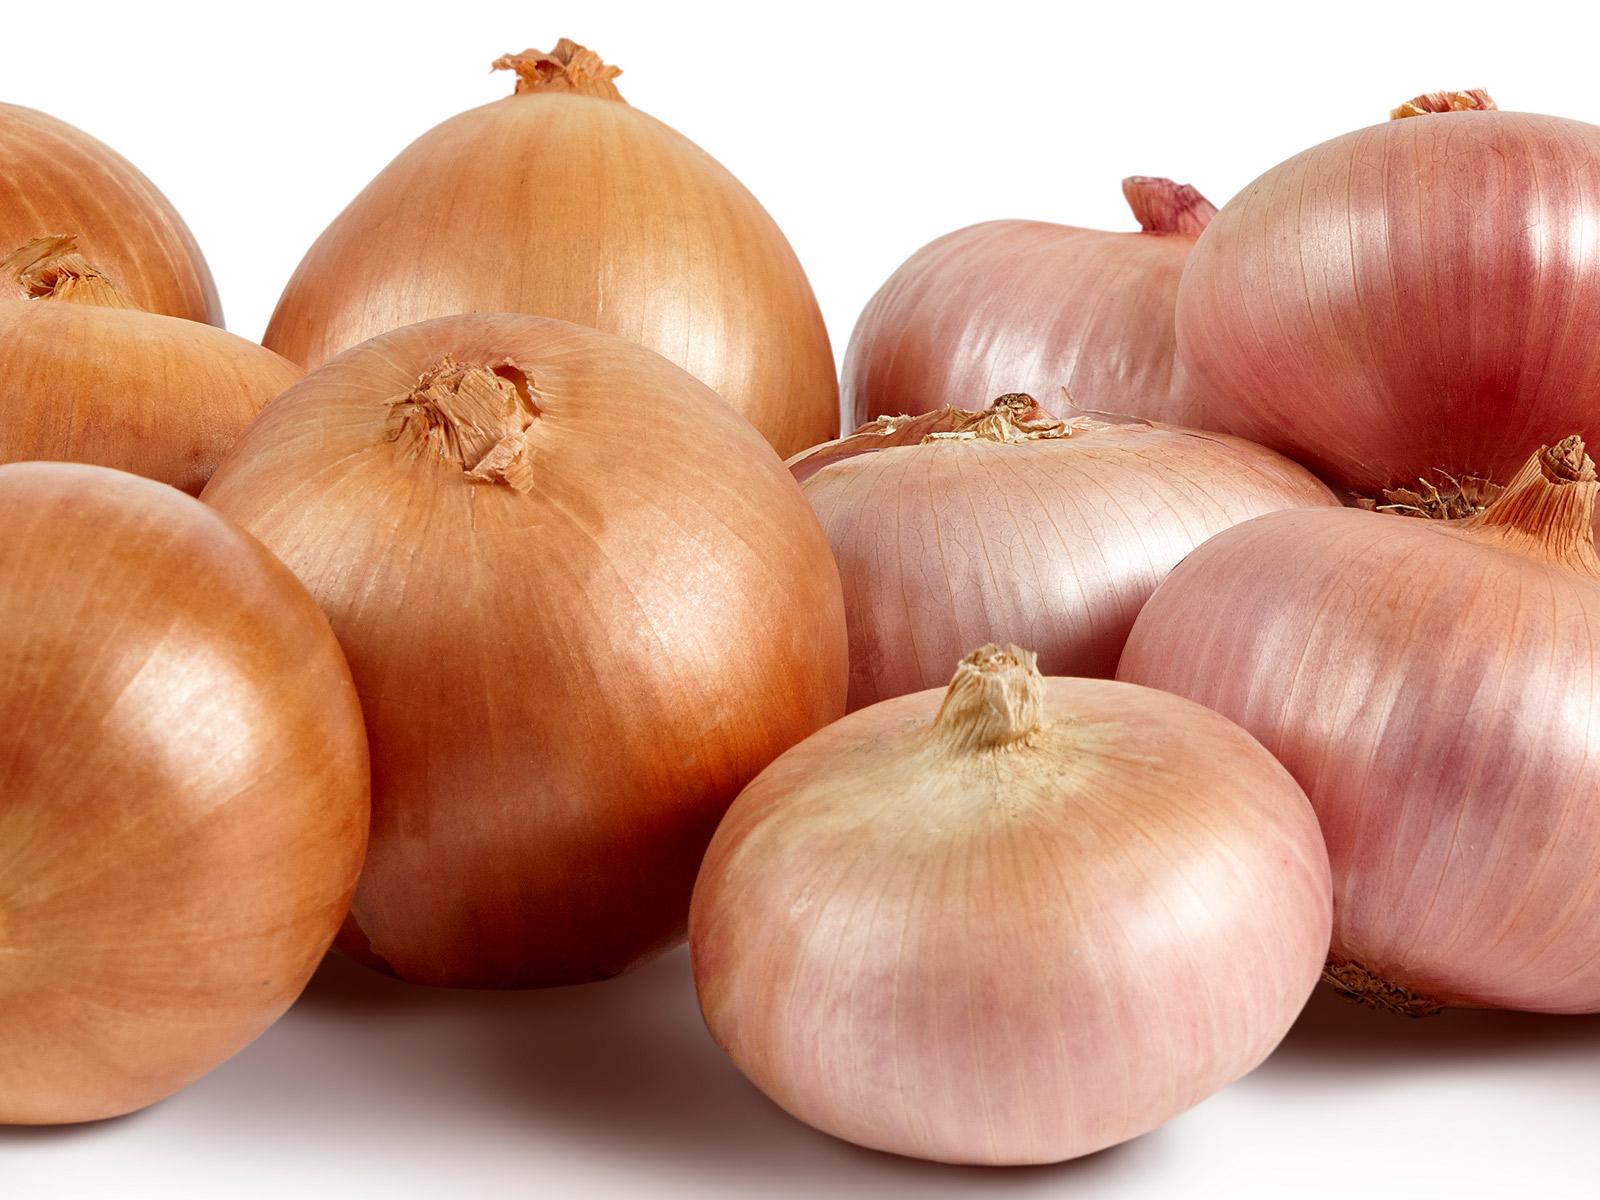 Mangiare cipolle fa bene alla salute